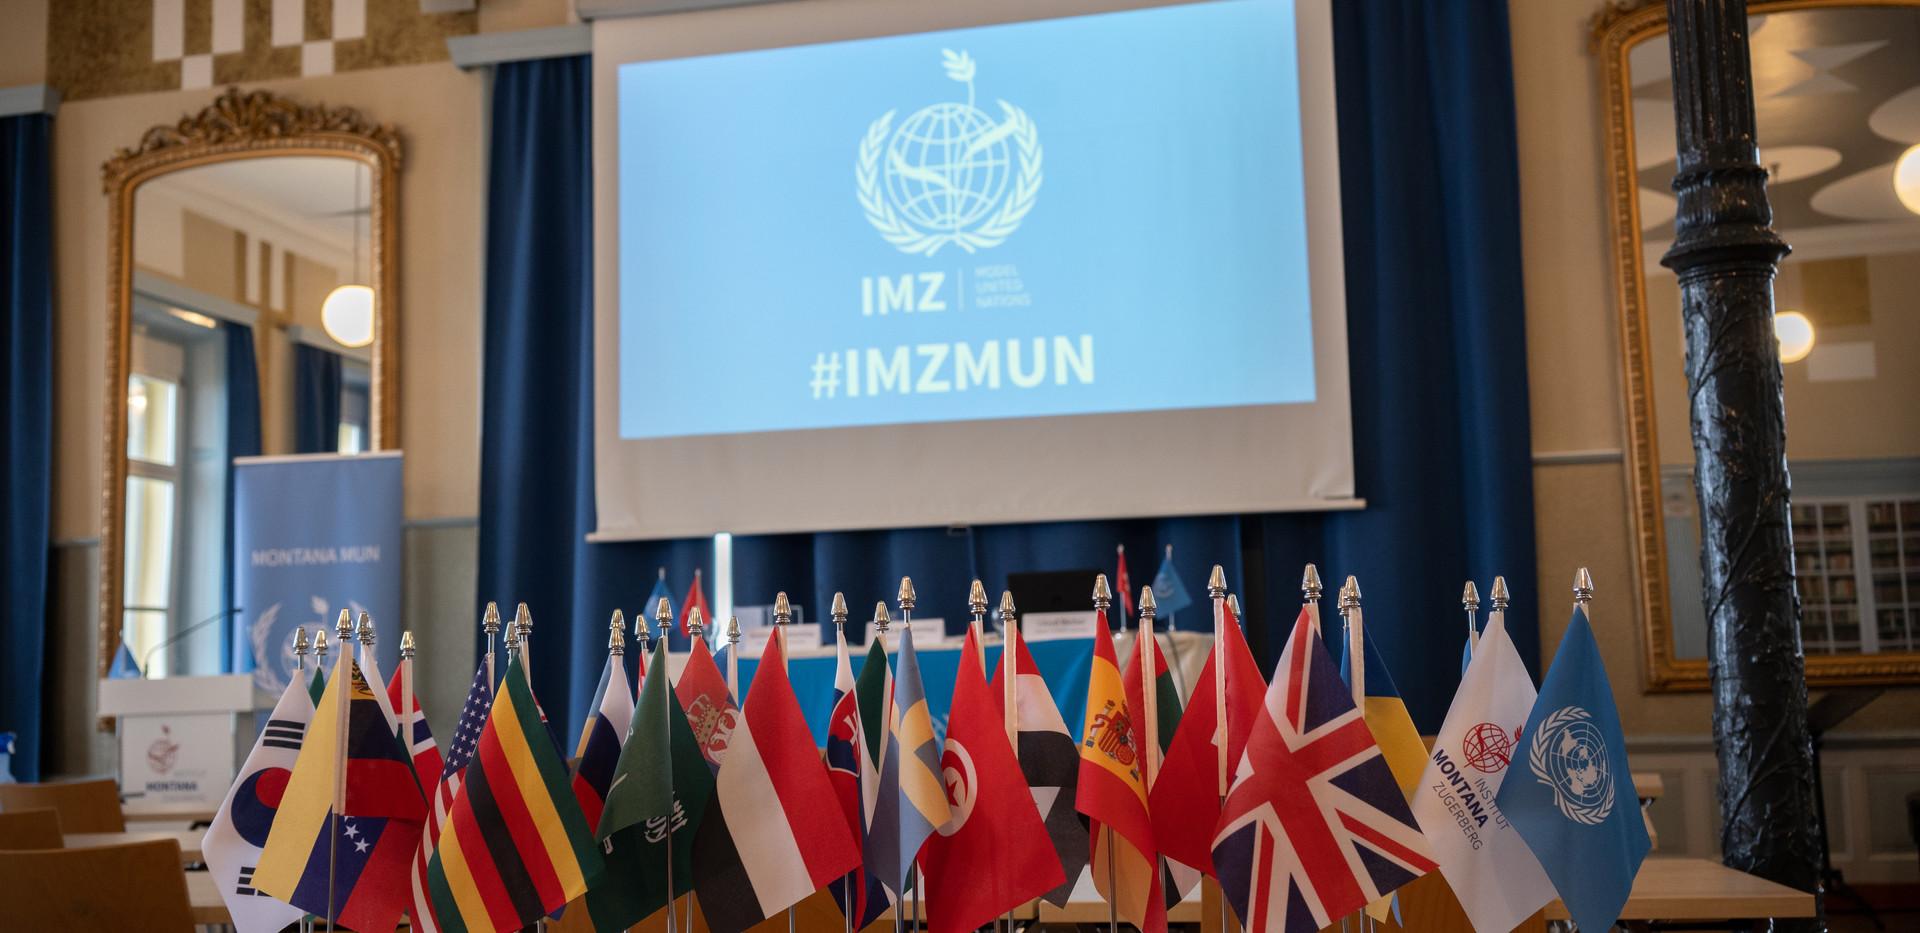 IMZMUN 2018